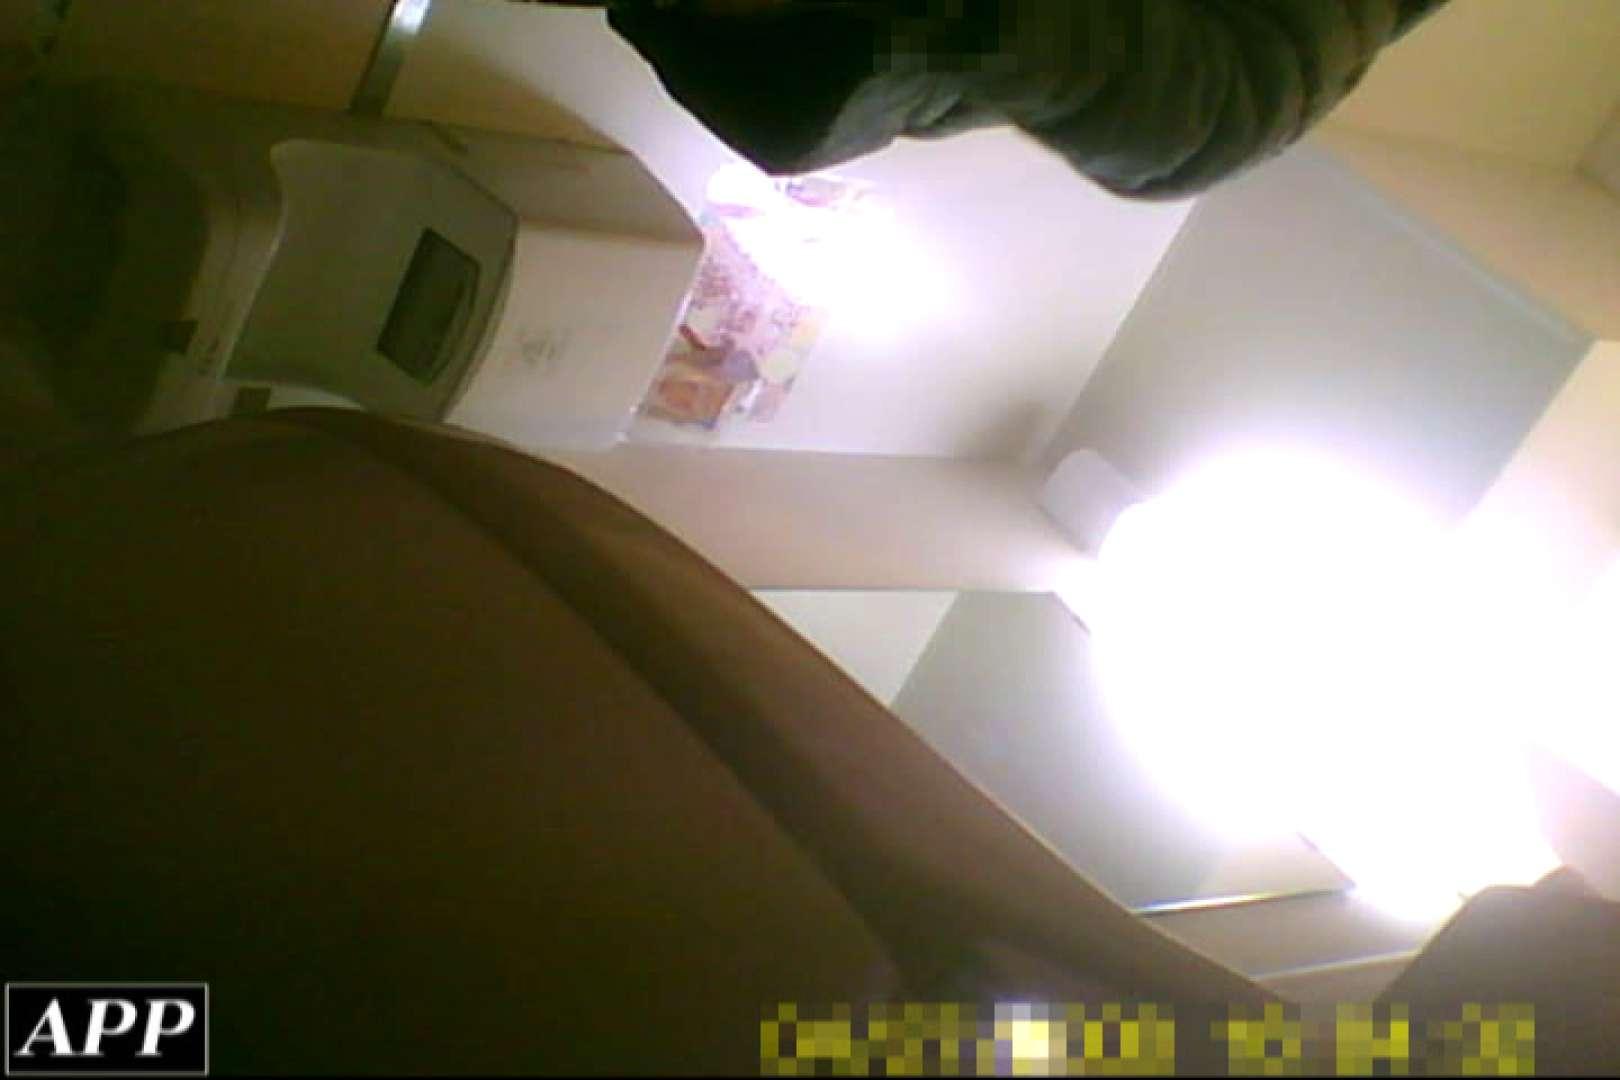 3視点洗面所 vol.33 OLの実態 隠し撮りセックス画像 89pic 32